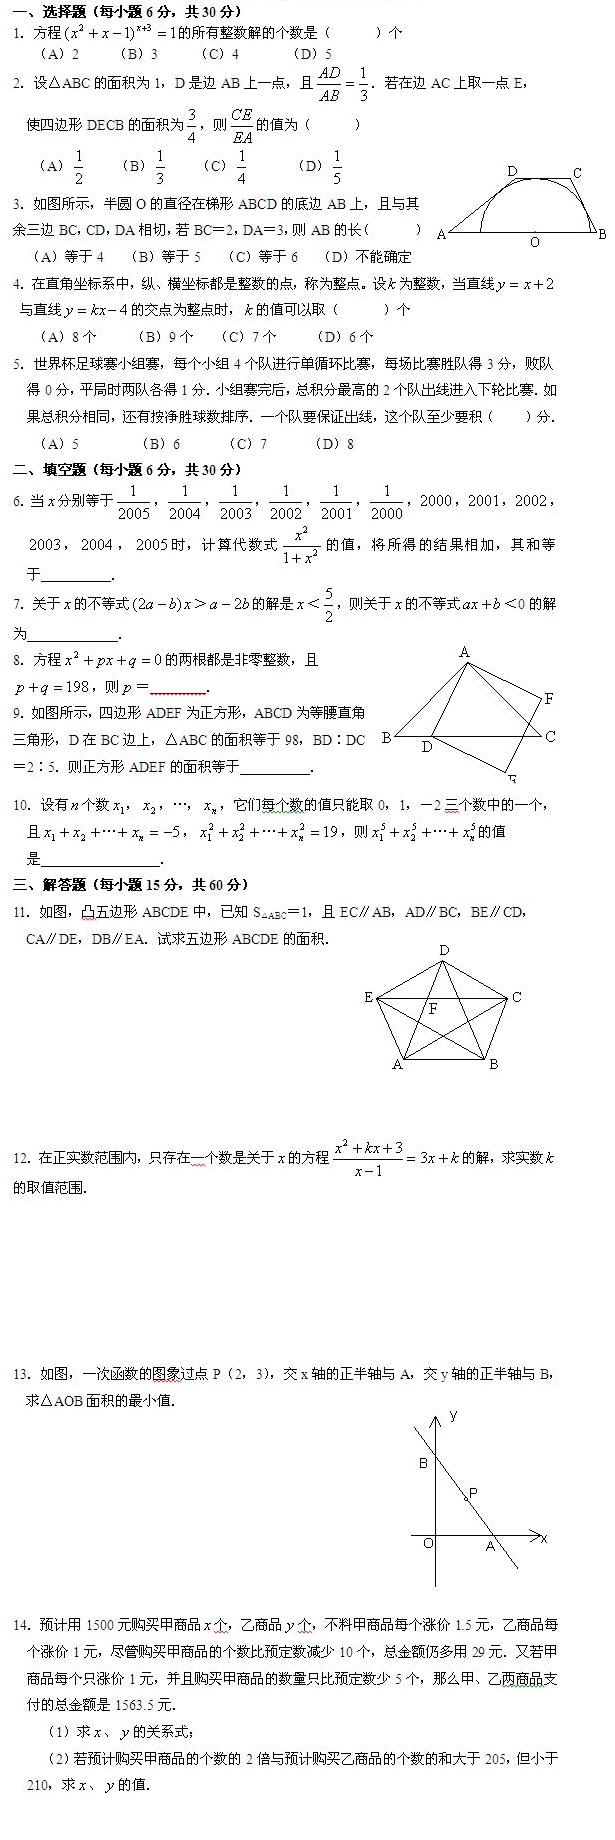 2016初中数学测试初赛易错题